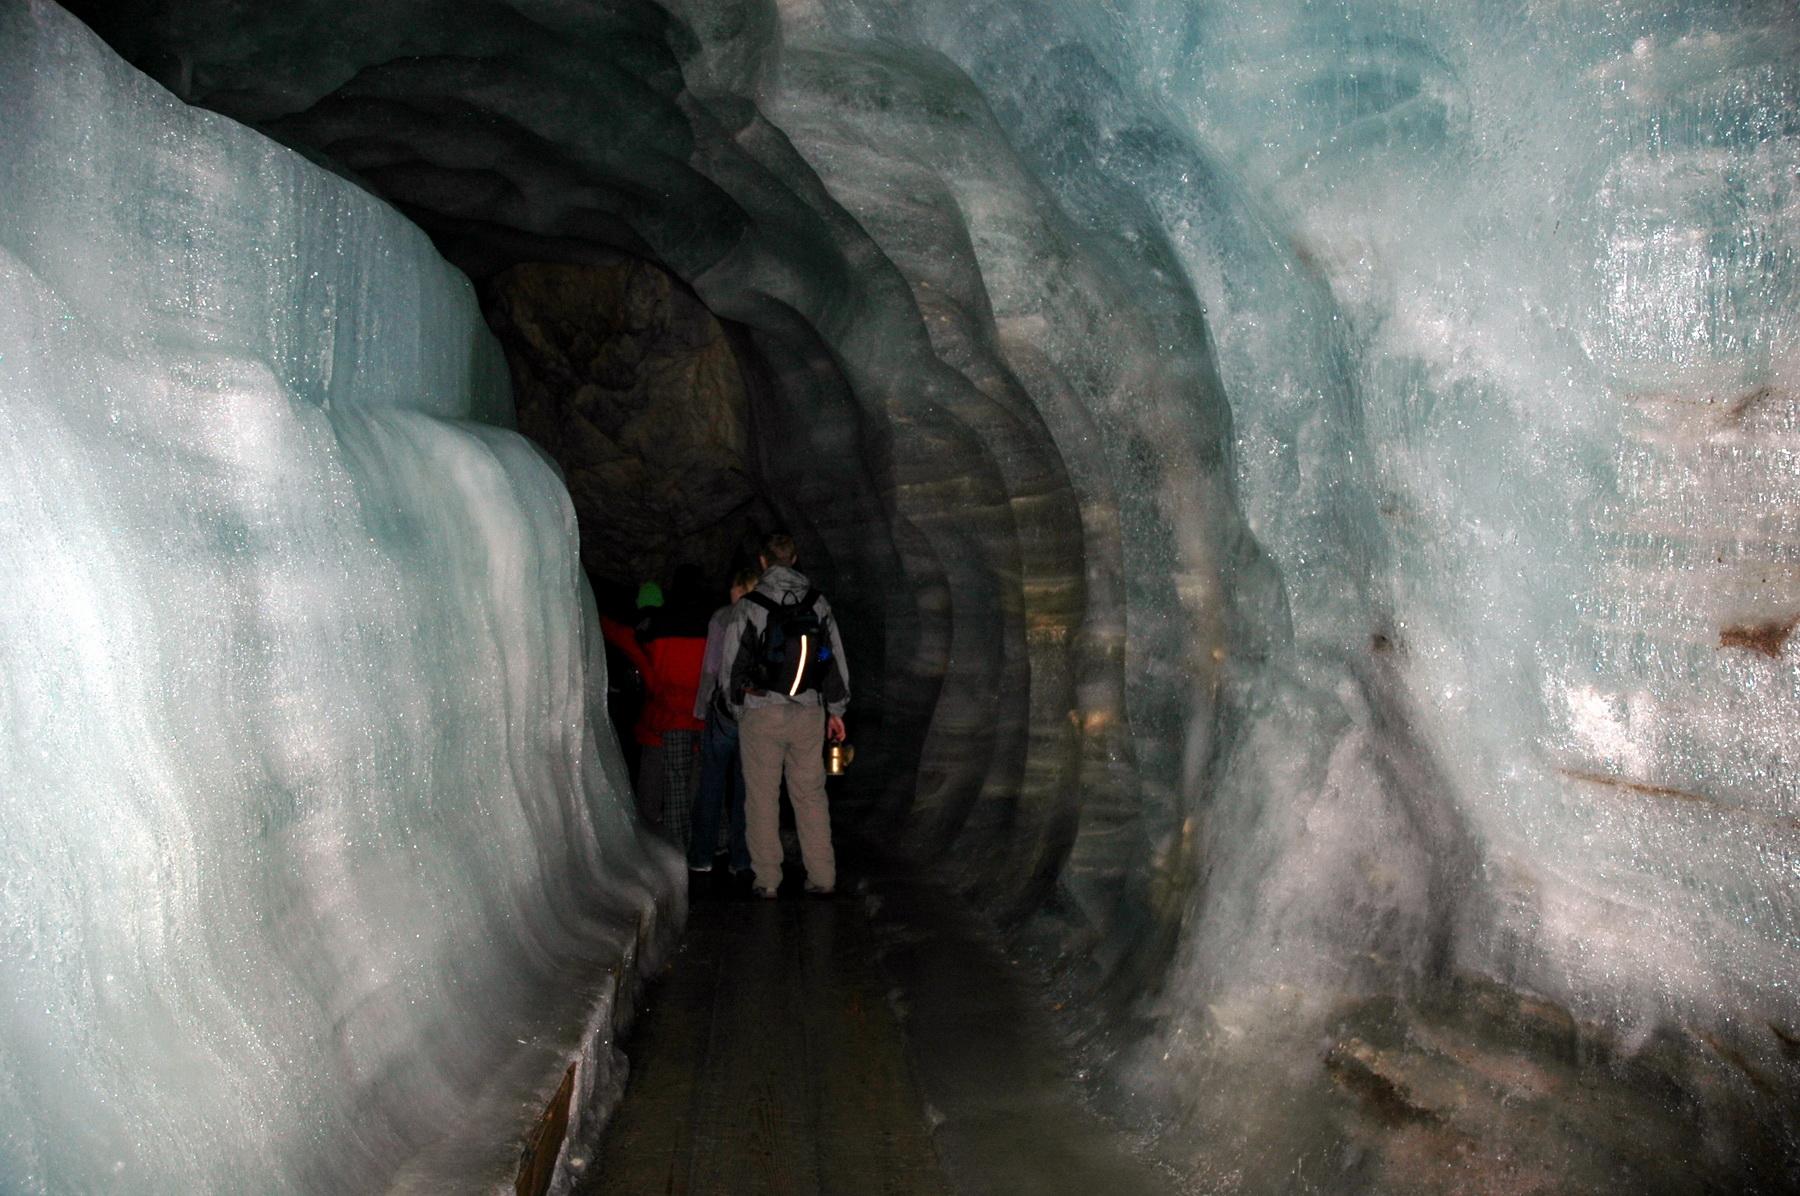 אוסטריה - מערת הקרח באוברטראון